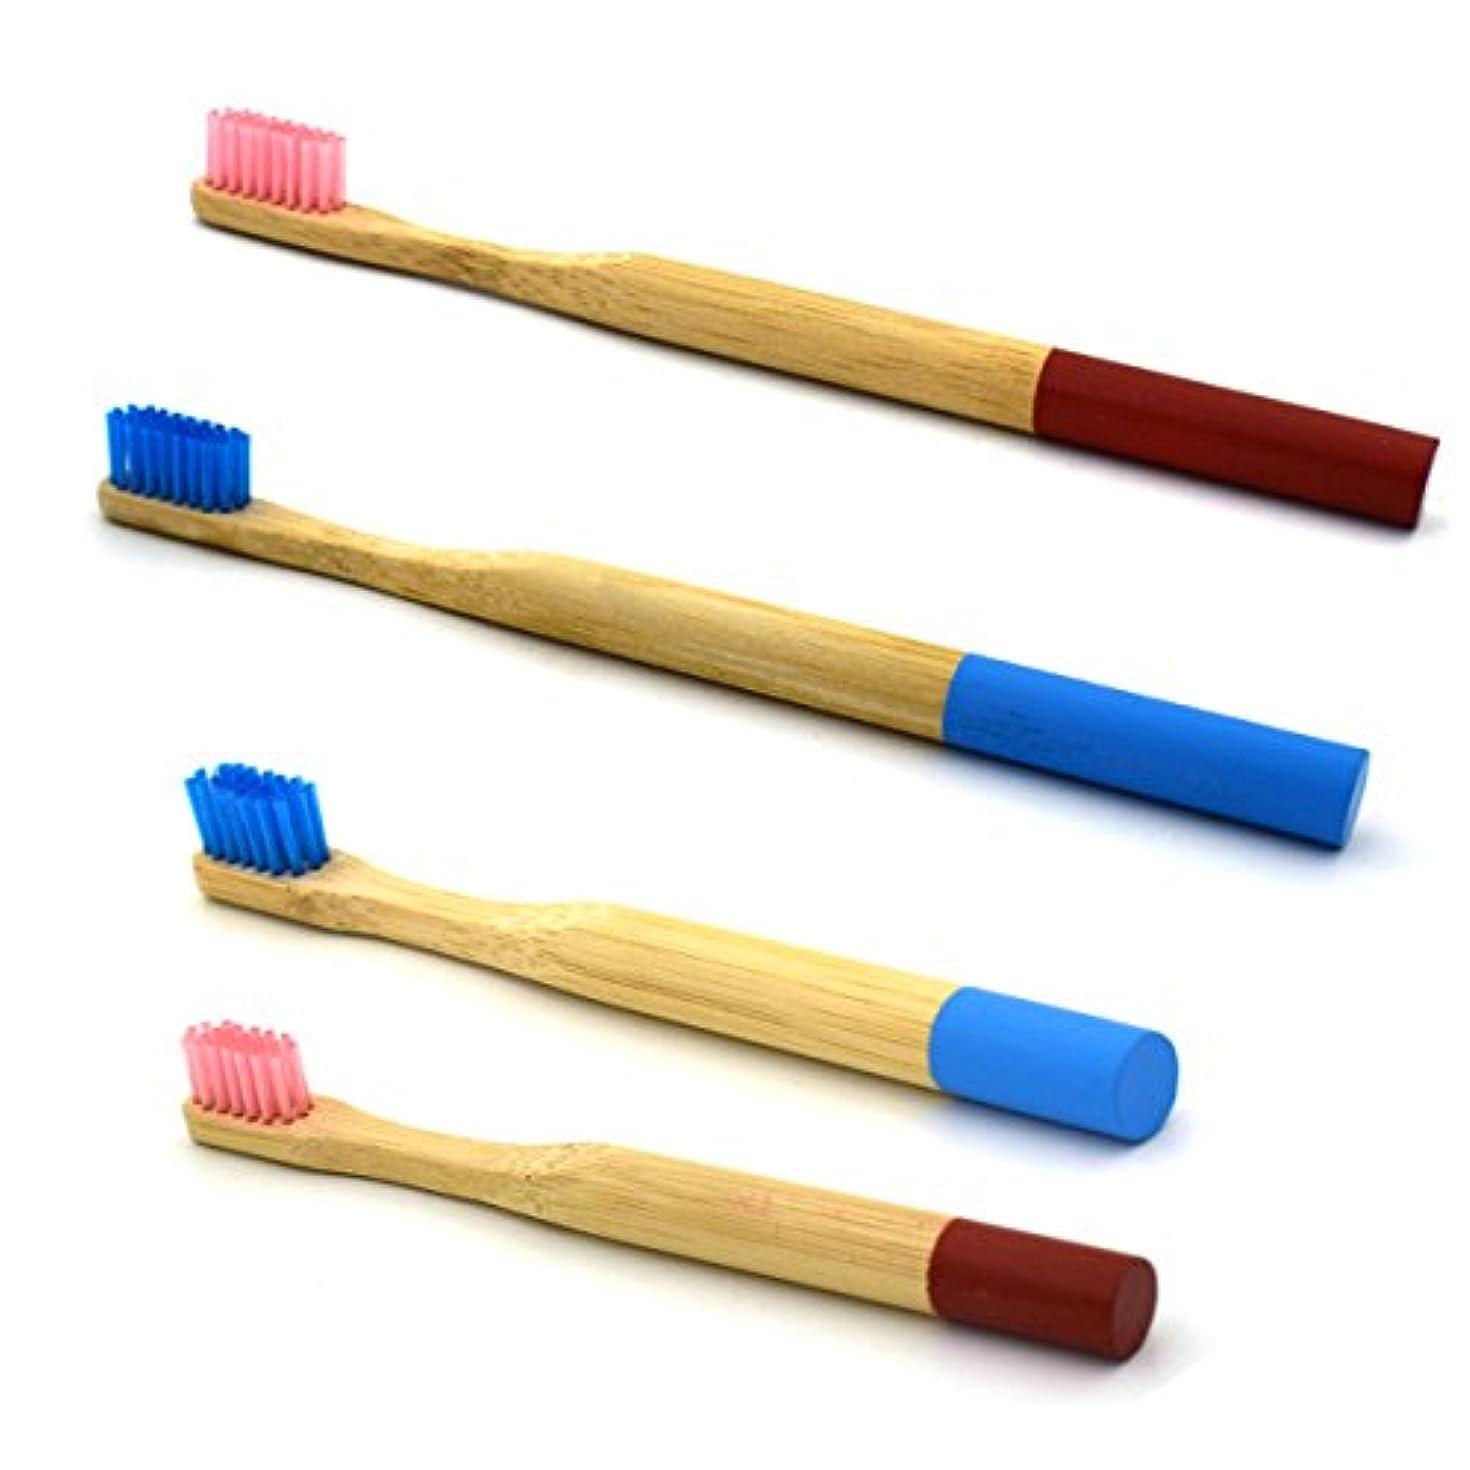 ブランド名人質白菜HEALLILY ラウンドハンドルエコフレンドリーソフト剛毛歯ブラシ(ブルーとピンク) - 大人と子供と4個の天然竹製の歯ブラシ